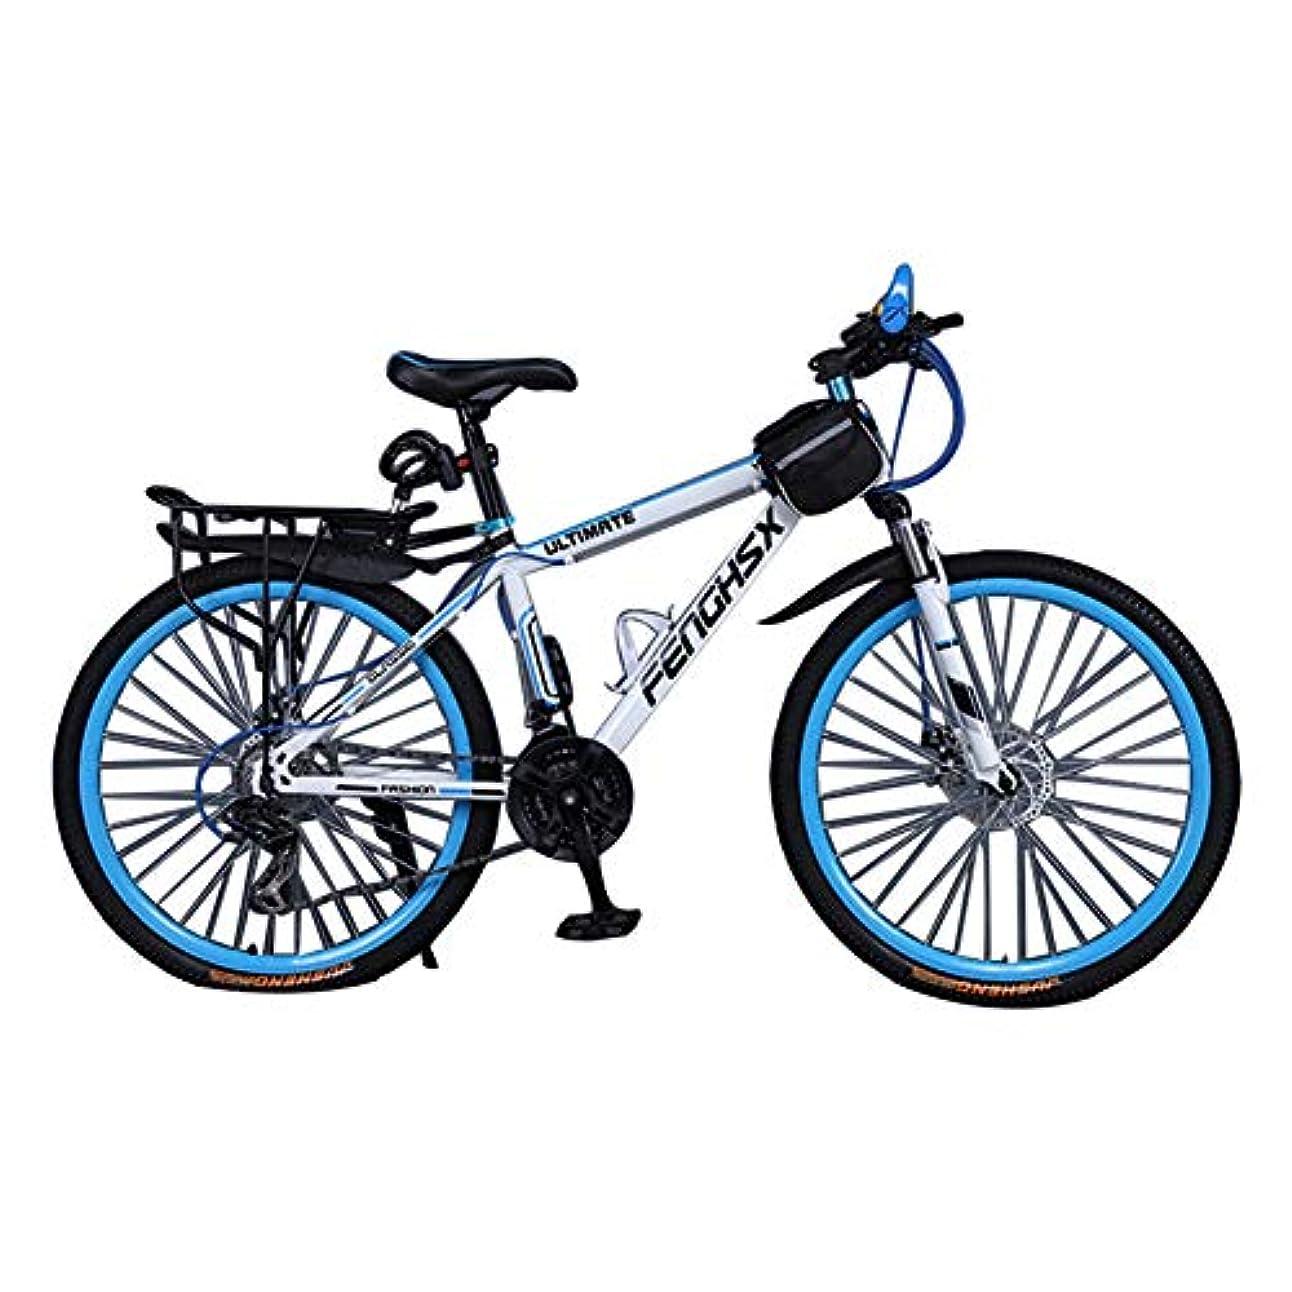 地球ギャング自然24/26インチ マウンテンバイク- アダルト 男性 MS 十代の若者たち- 高炭素鋼フレーム ダブルブレーキ すべての地形 マウンテンバイク- 可変速